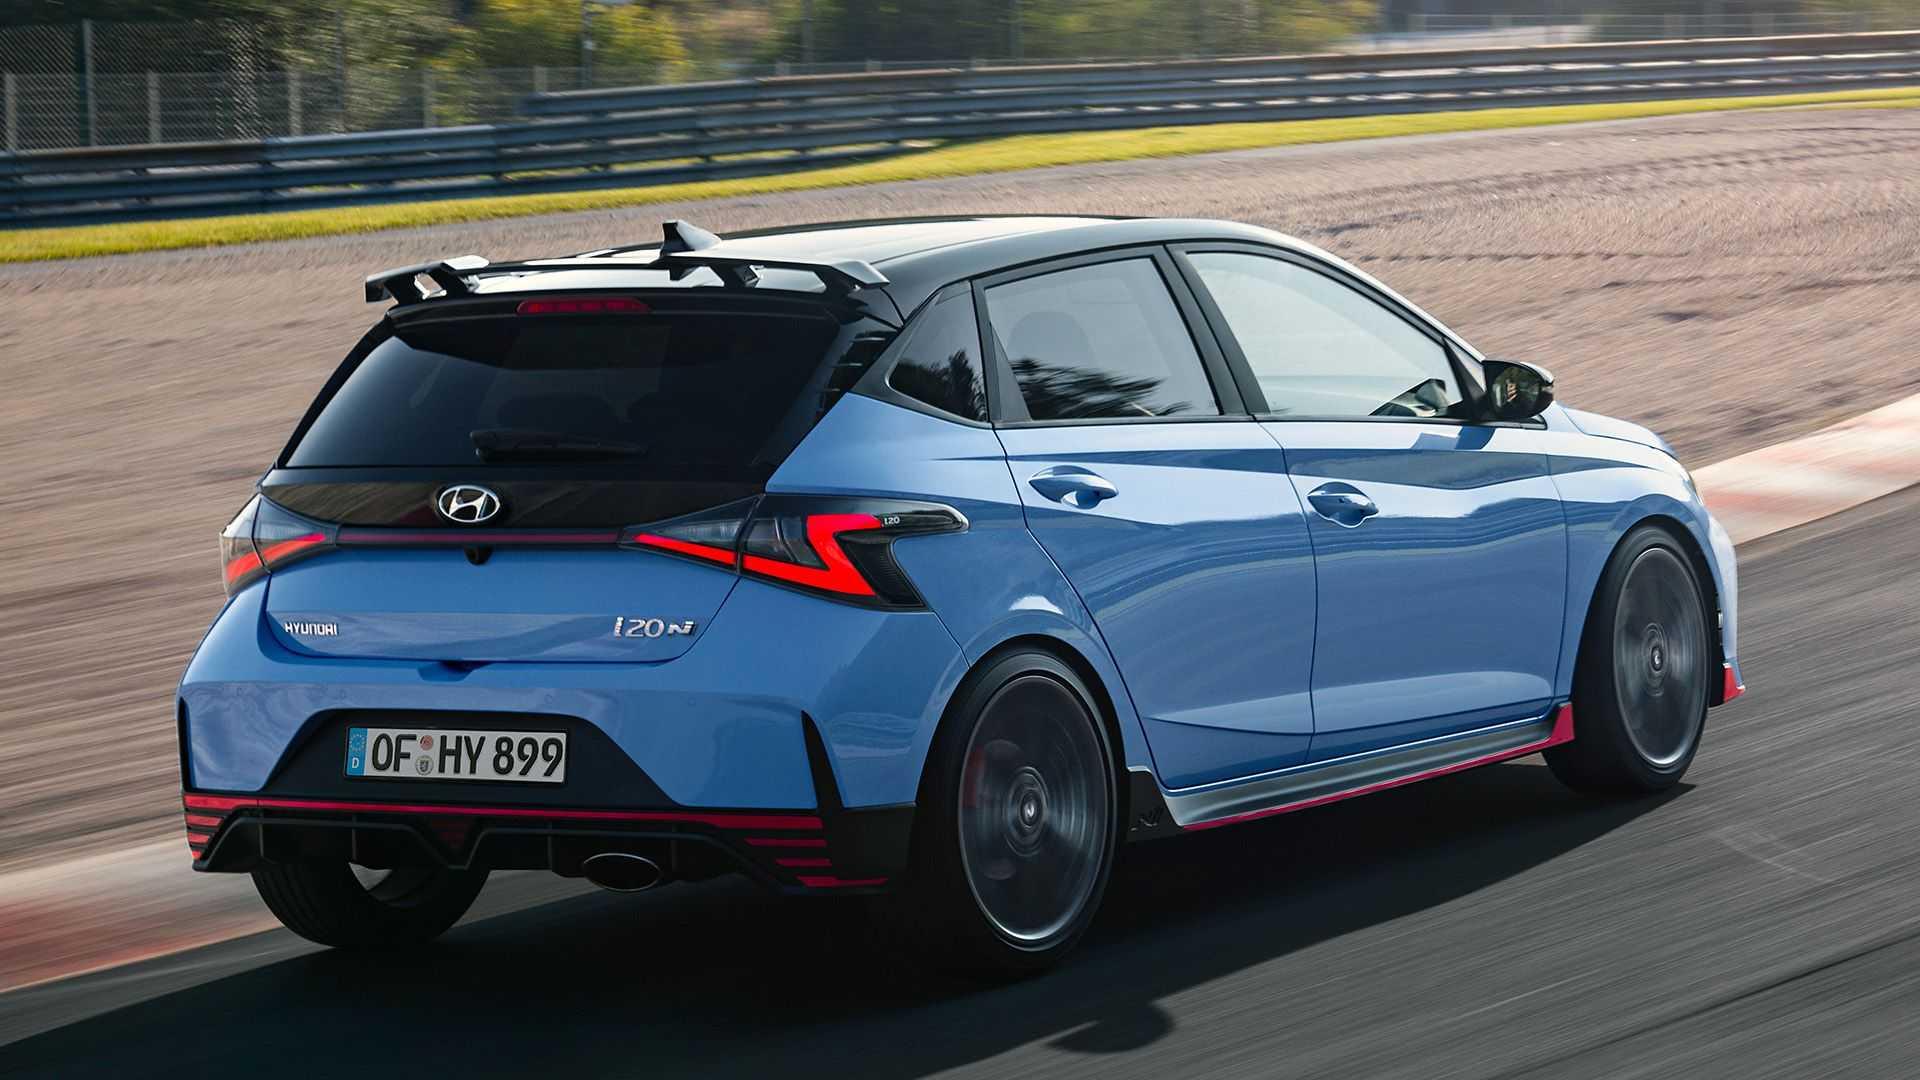 Hyundai i20 N (2021): Performance Blue